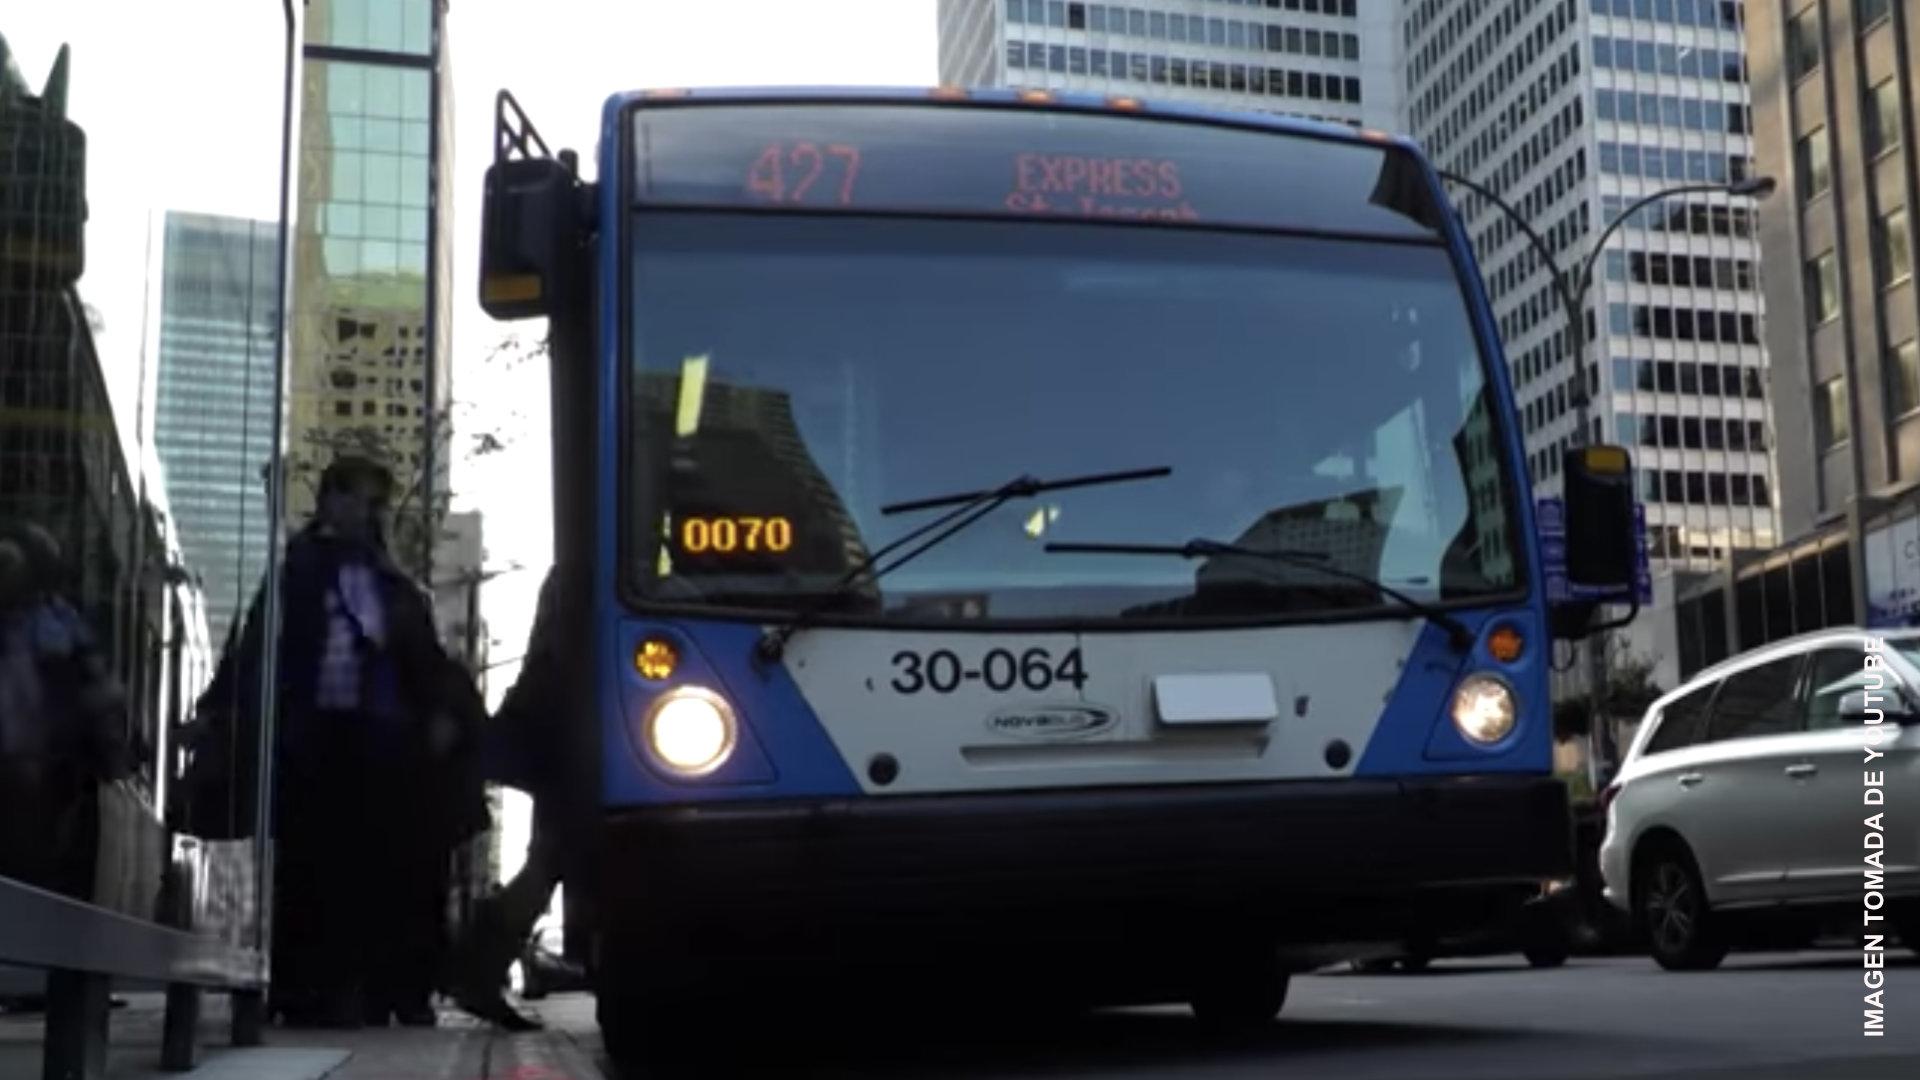 Usuarios de autobuses de Montreal abordarán de nuevo por puerta delantera